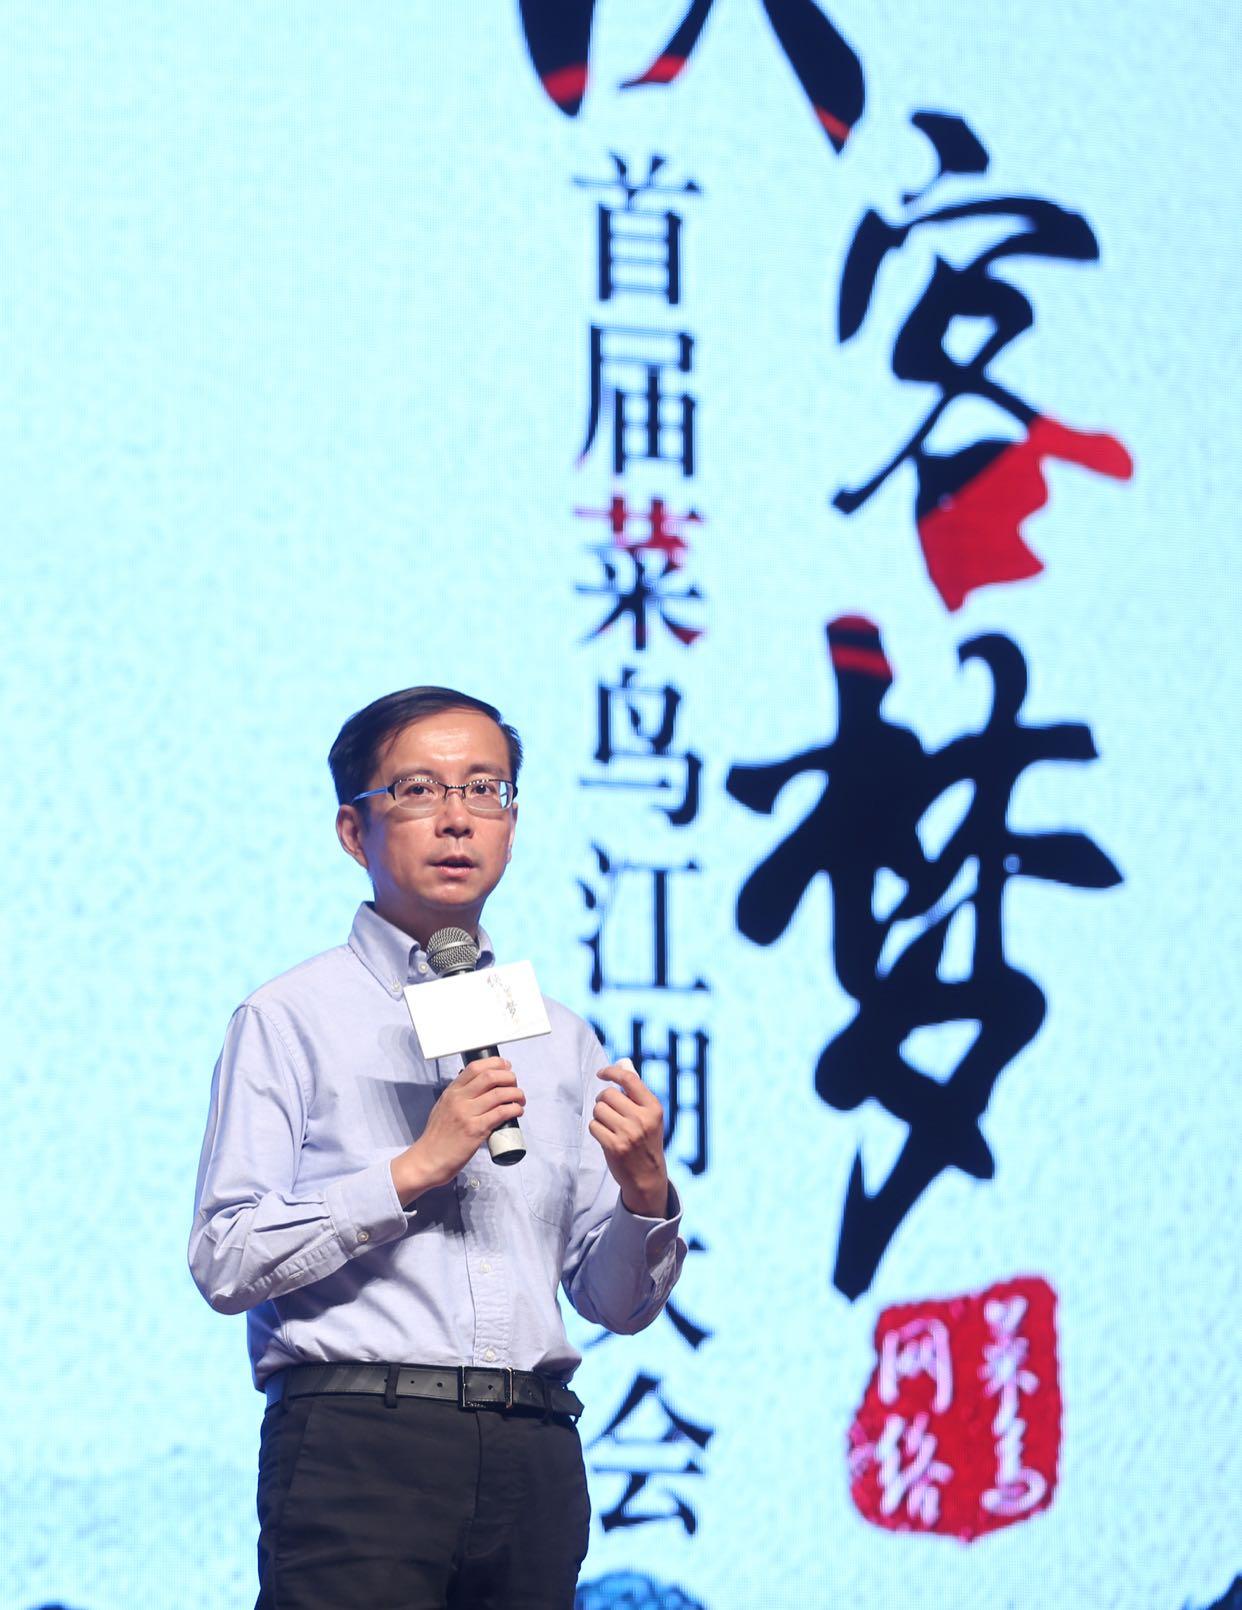 阿里CEO张勇:物流应该是高科技行业